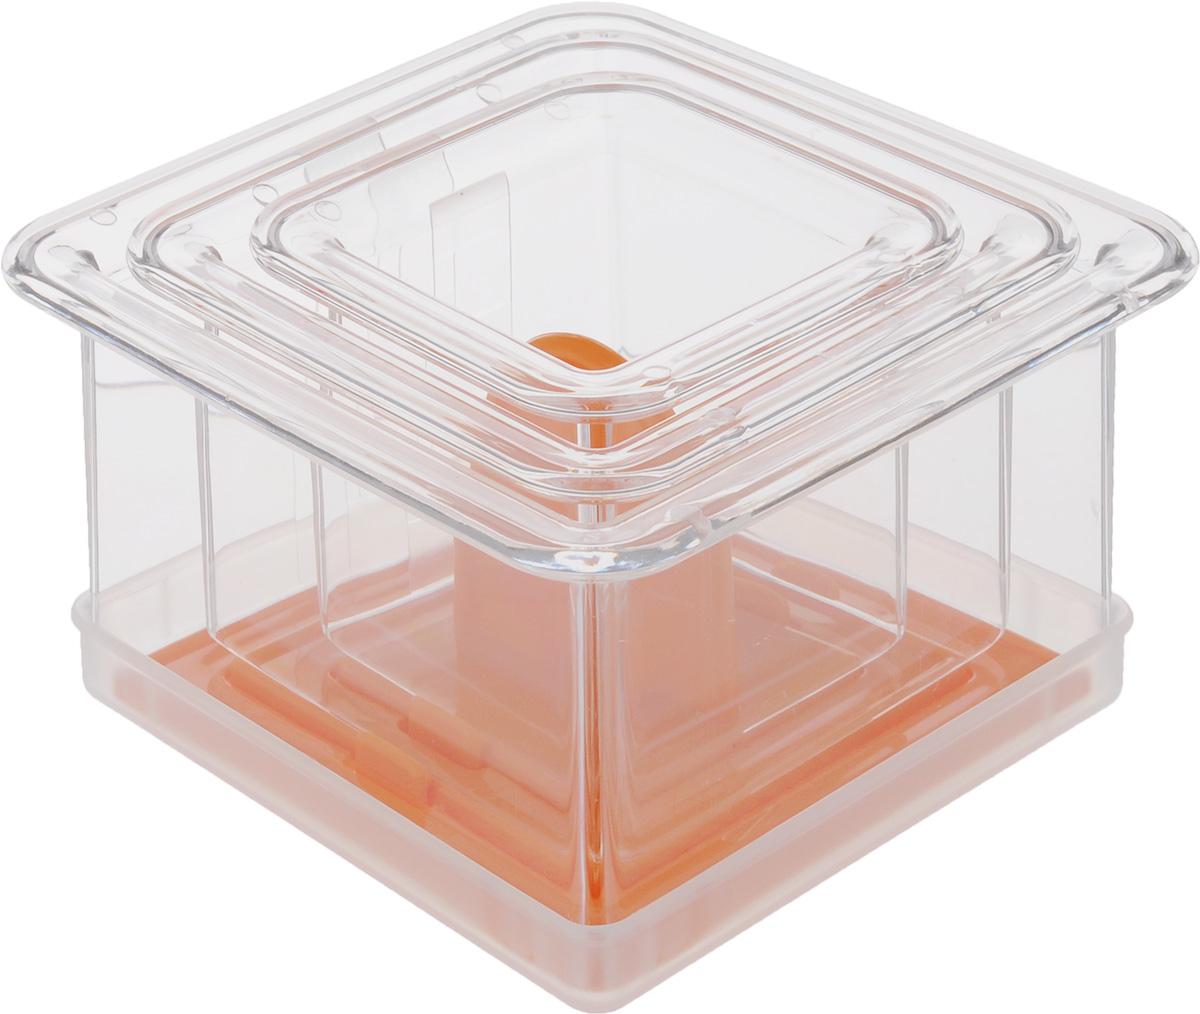 Набор для придания блюдам формы Tescoma Presto FoodStyle, квадратыД Дачно-Деревенский 16Набор Tescoma Presto FoodStyle состоит из трех квадратных формочек, которые отлично подойдут для придания формы блюдам и приготовления многослойных закусок, гарниров и десертов. В комплект входят 3 квадратные формы со шкалой для равномерной укладки слоев, универсальный пресс и крышка для хранения. Предметы набора изготовлены из прочного пищевого пластика. Можно мыть в посудомоечной машине. В комплекте прилагается инструкция по эксплуатации и рецепты. Внутренний размер форм: 9 х 9 см; 7 х 7 см; 5 х 5 см.